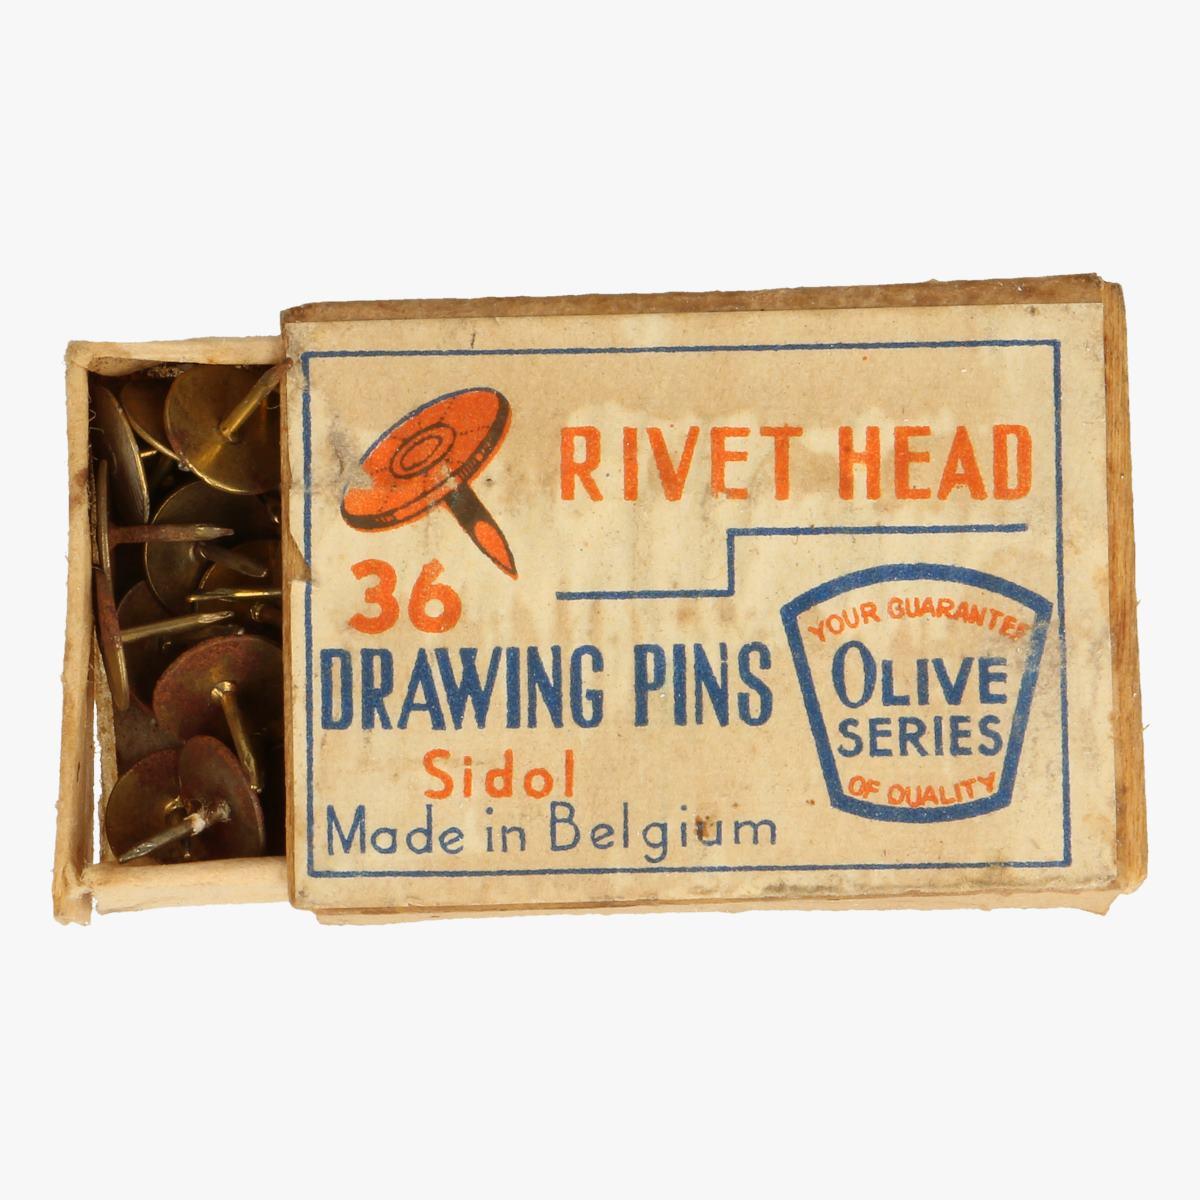 Afbeeldingen van oud doosje drawing pins rivet head made in belguim